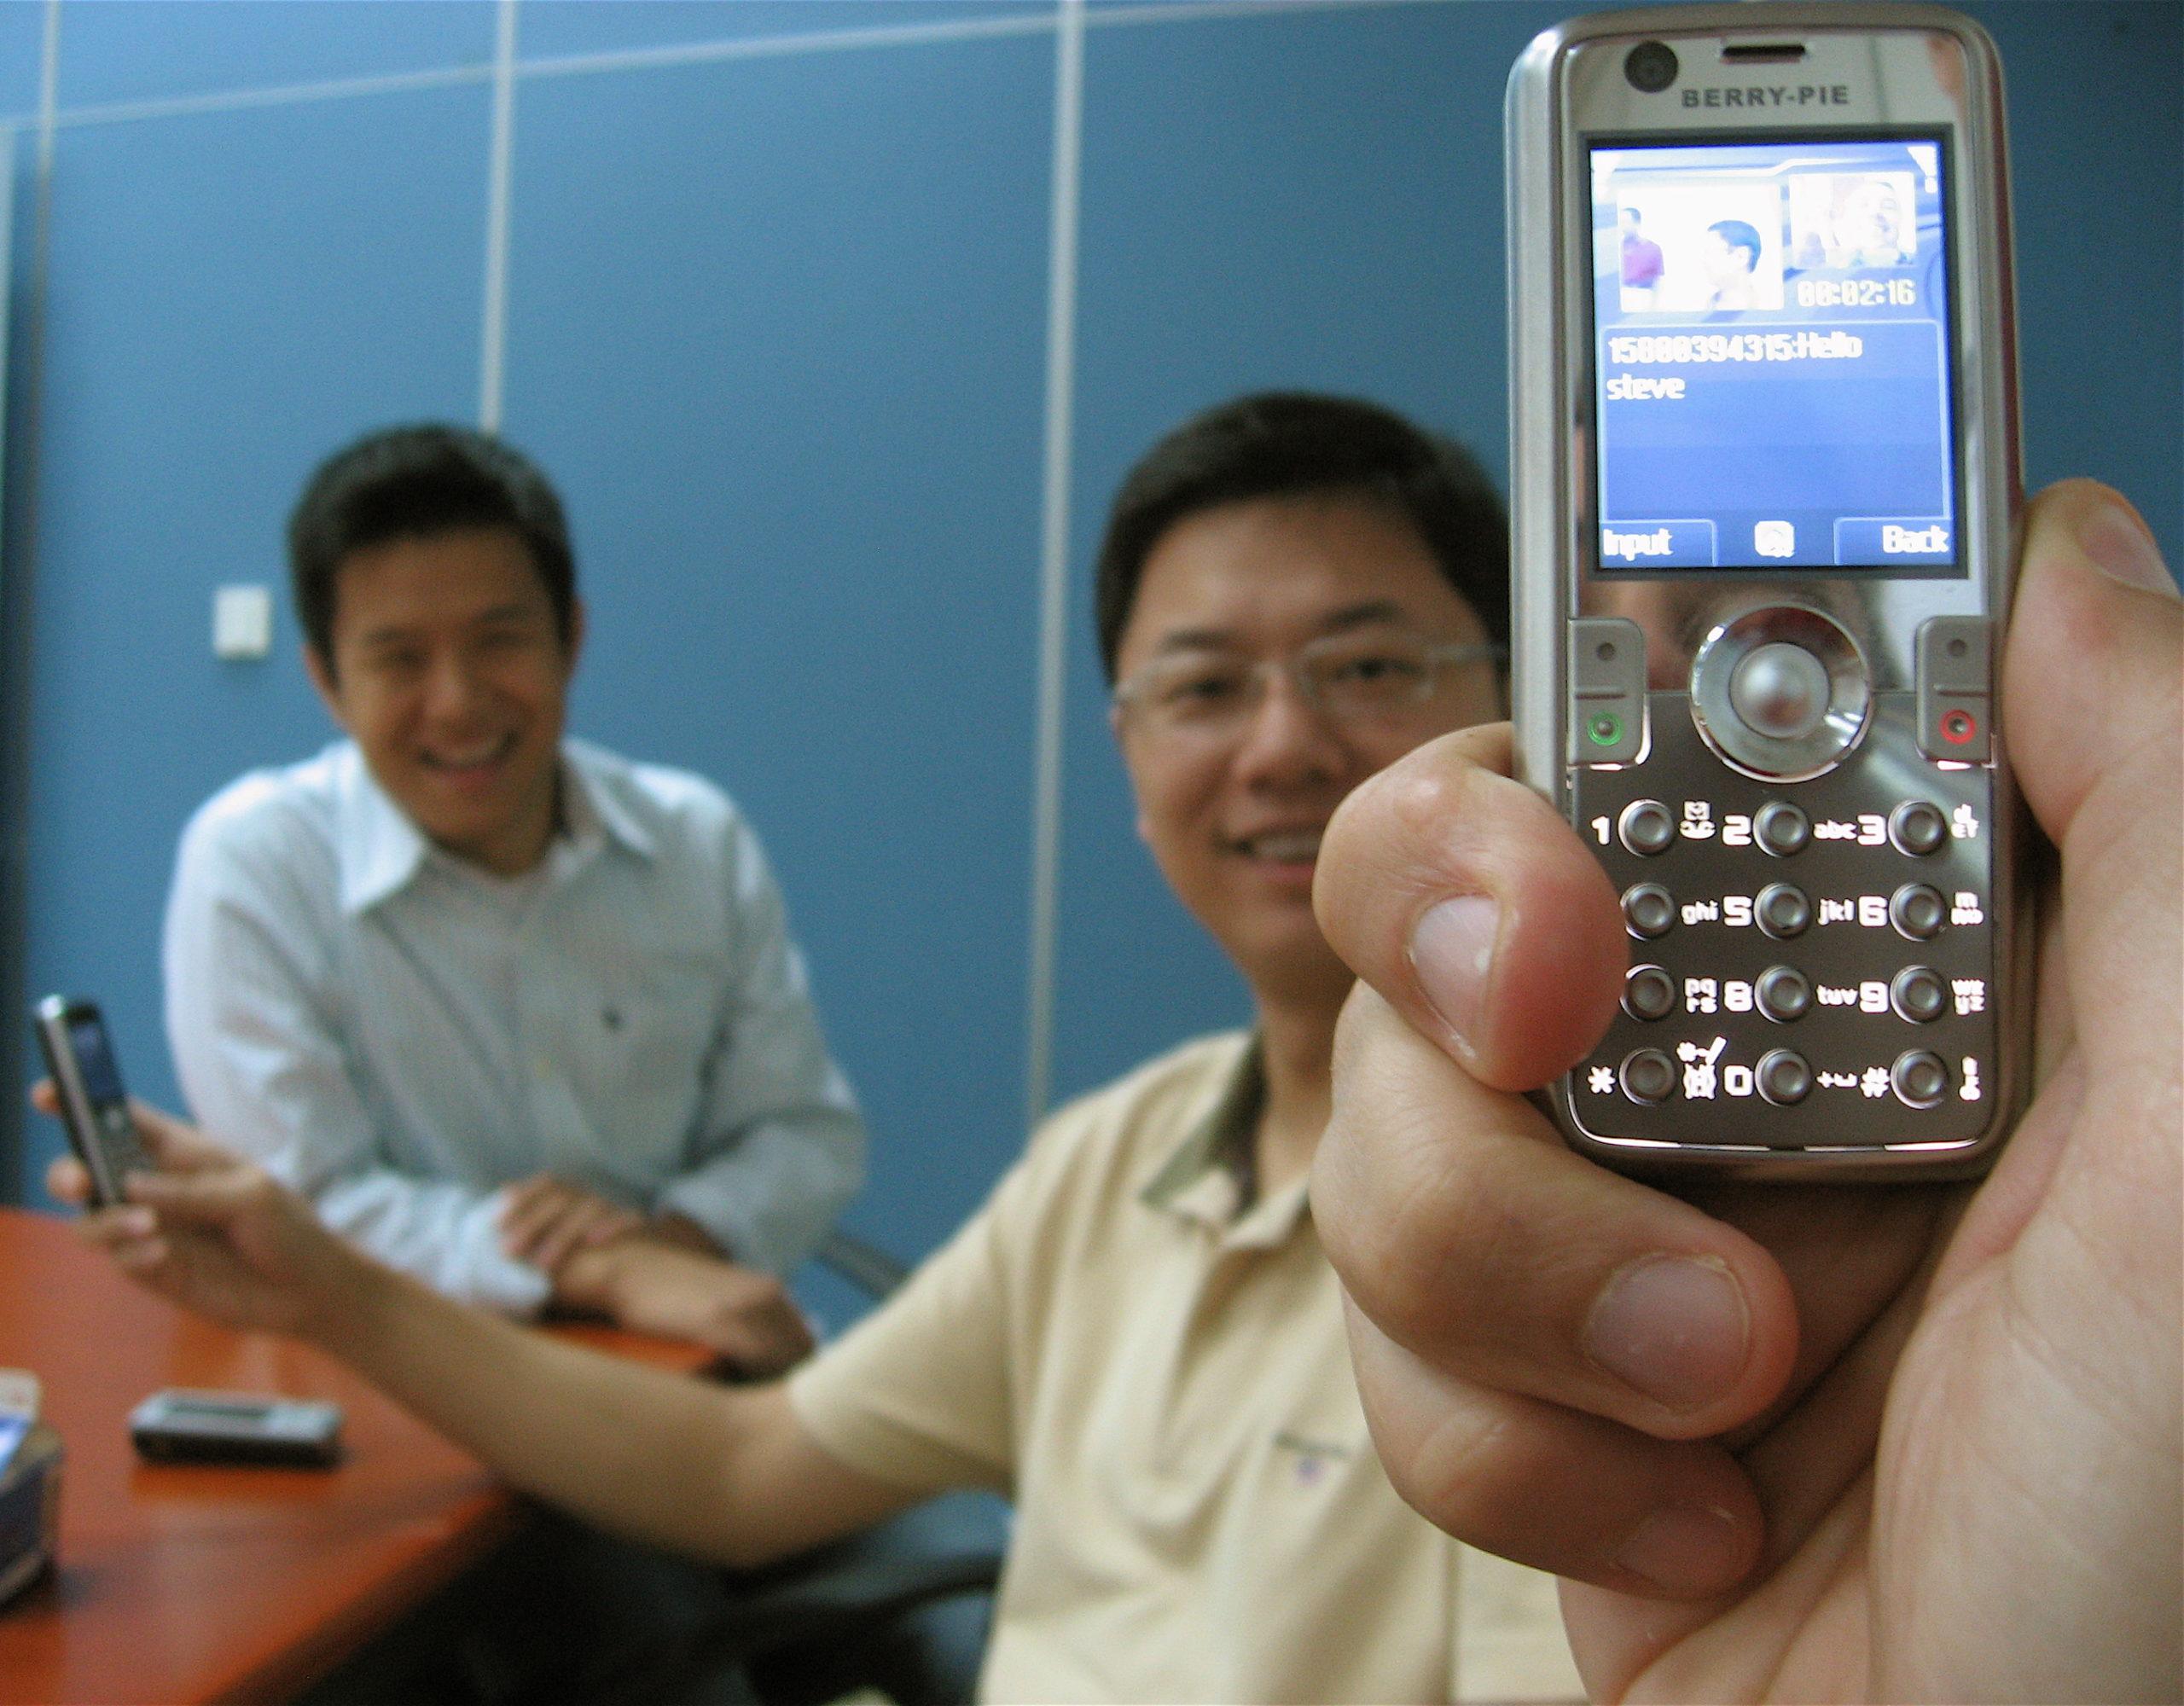 רשת GPRS בפעולה 🖼️ Steve Jurvetson